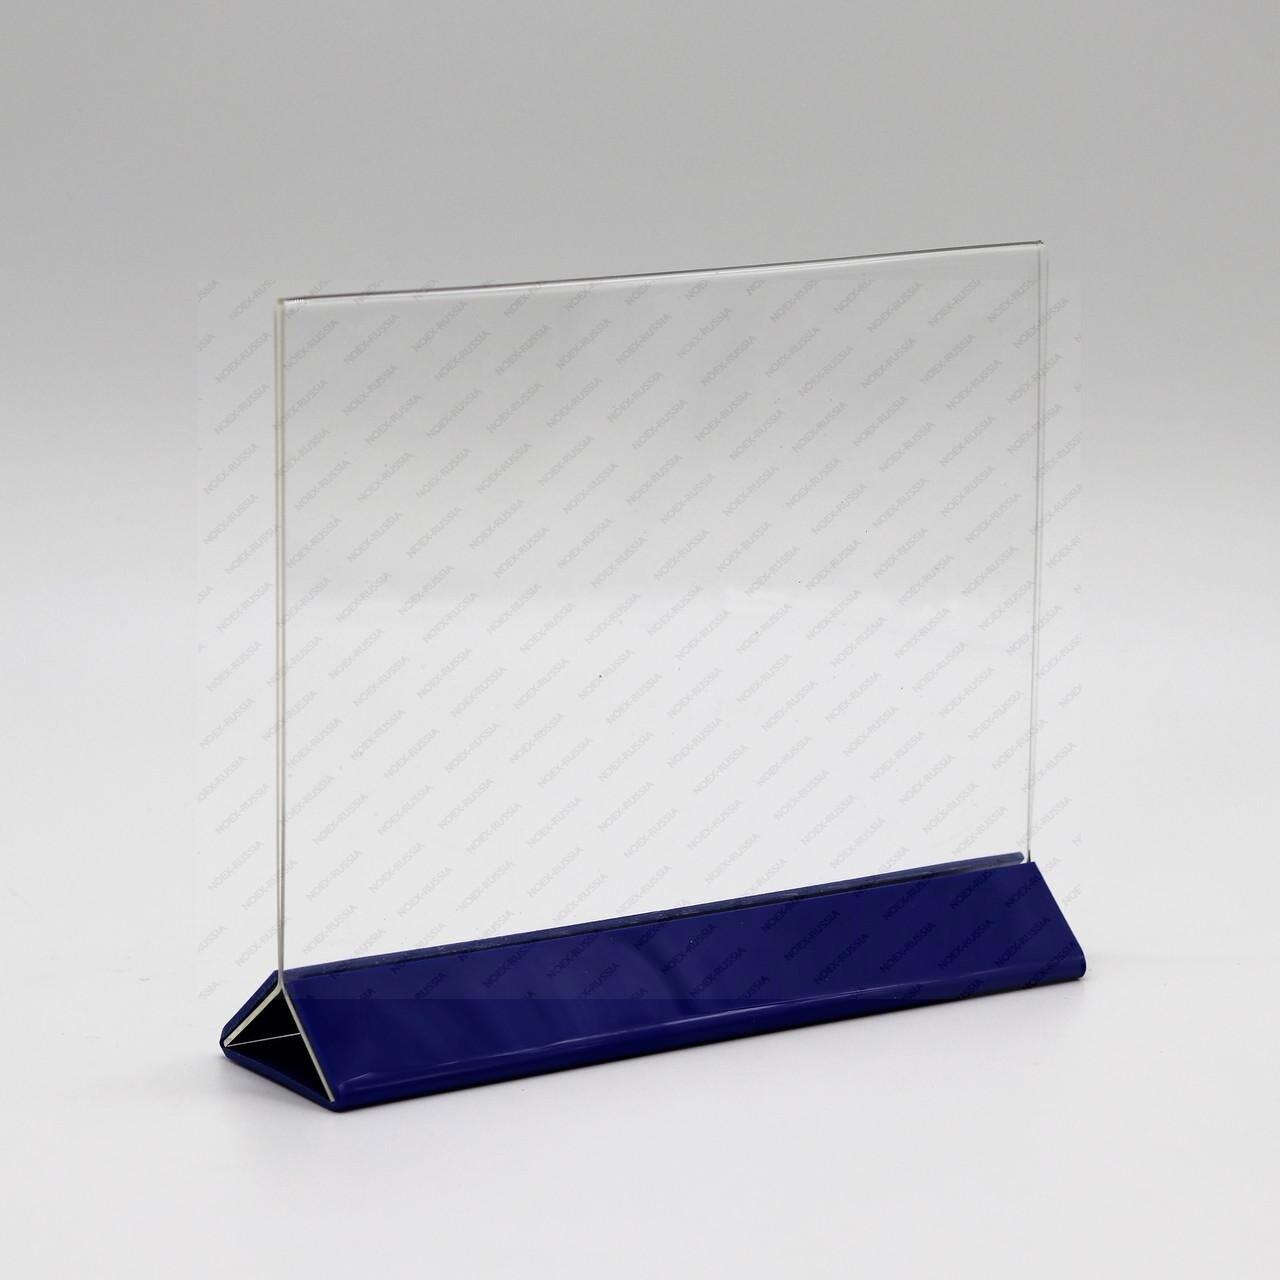 Тейбл тенты и менюхолдеры А3 горизонтальные с цветным основанием купить